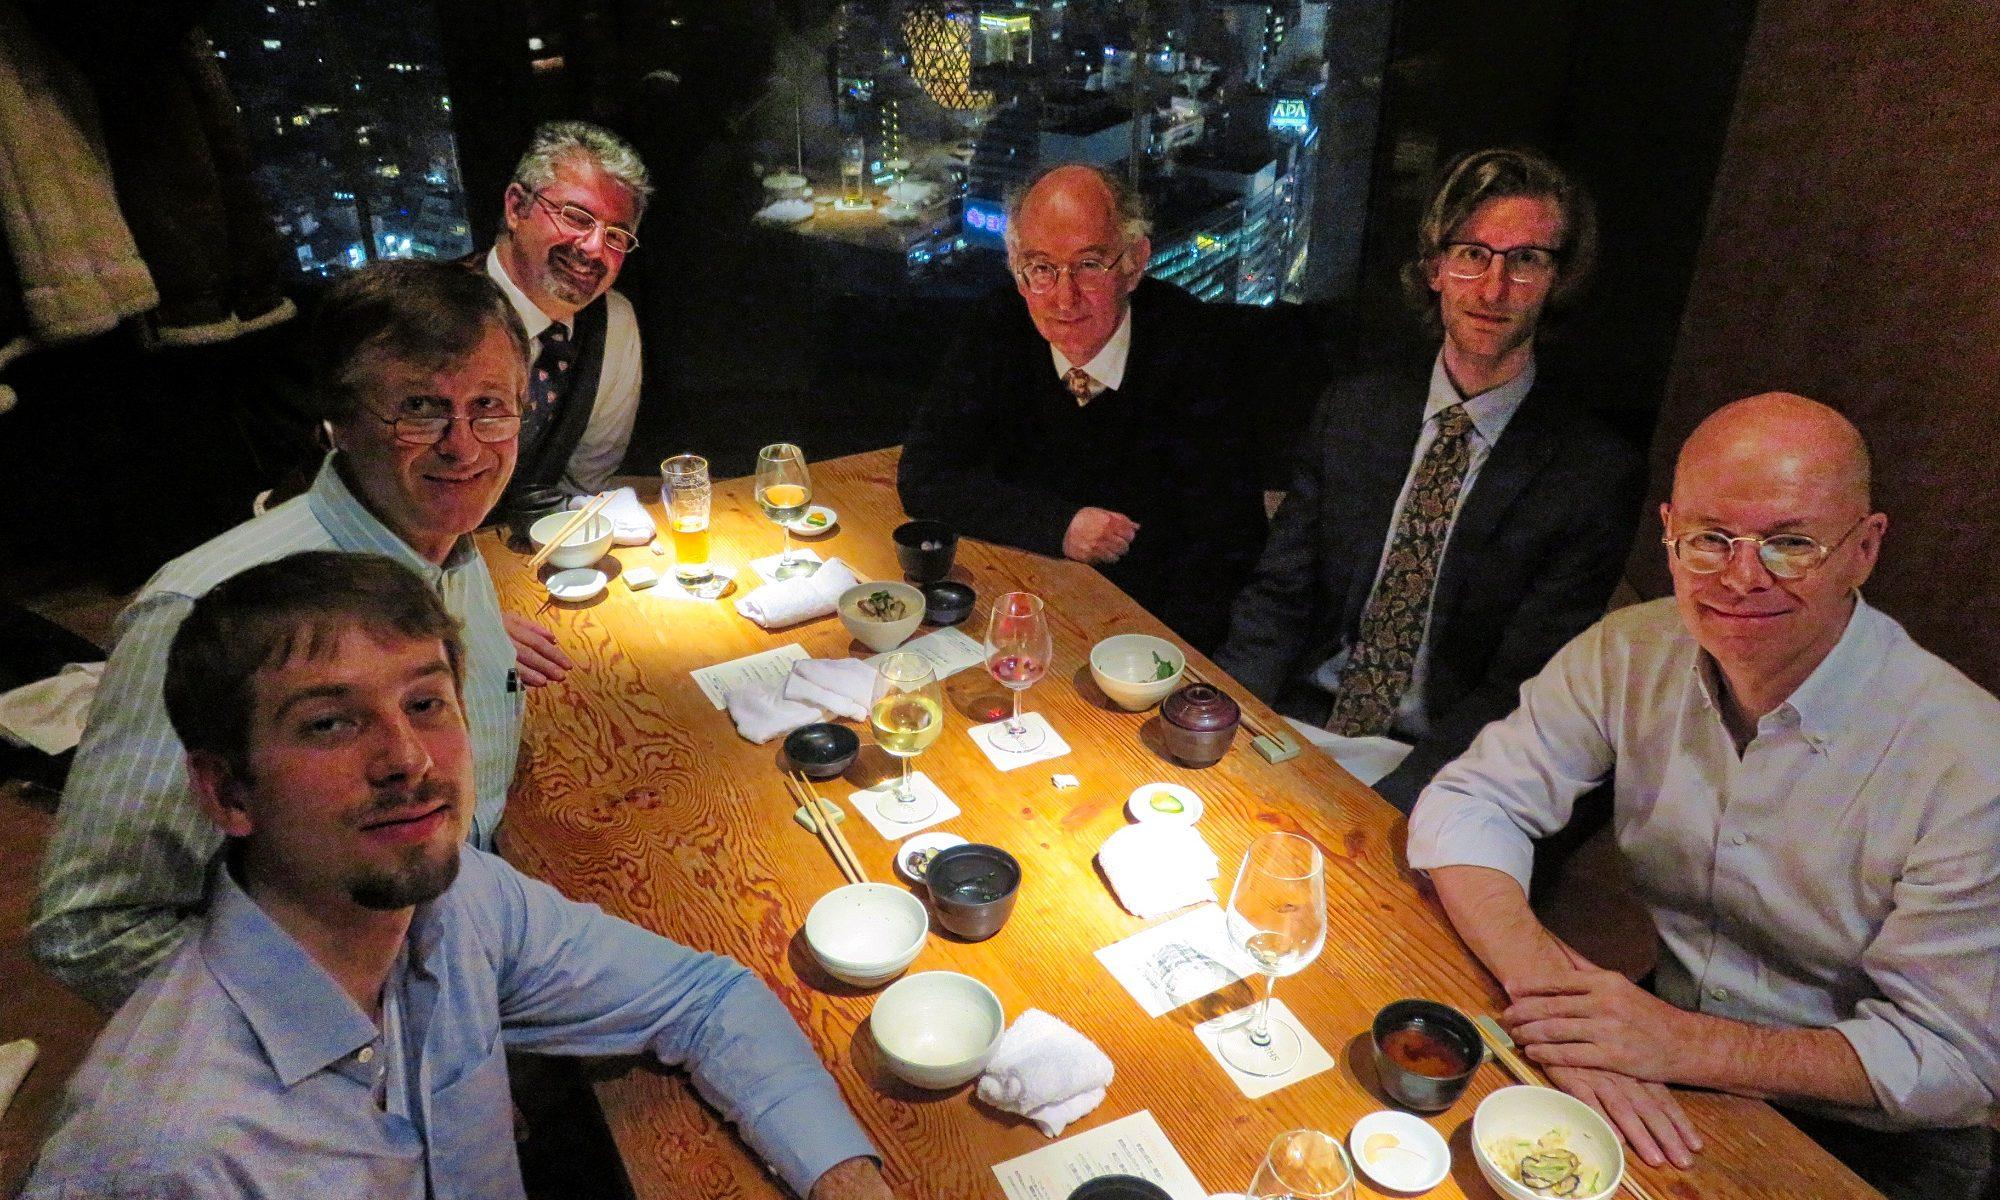 トリニティー・イン・ジャパンの忘年会は2017年12月15日(金曜日)、ドミニク・リーベン教授参加